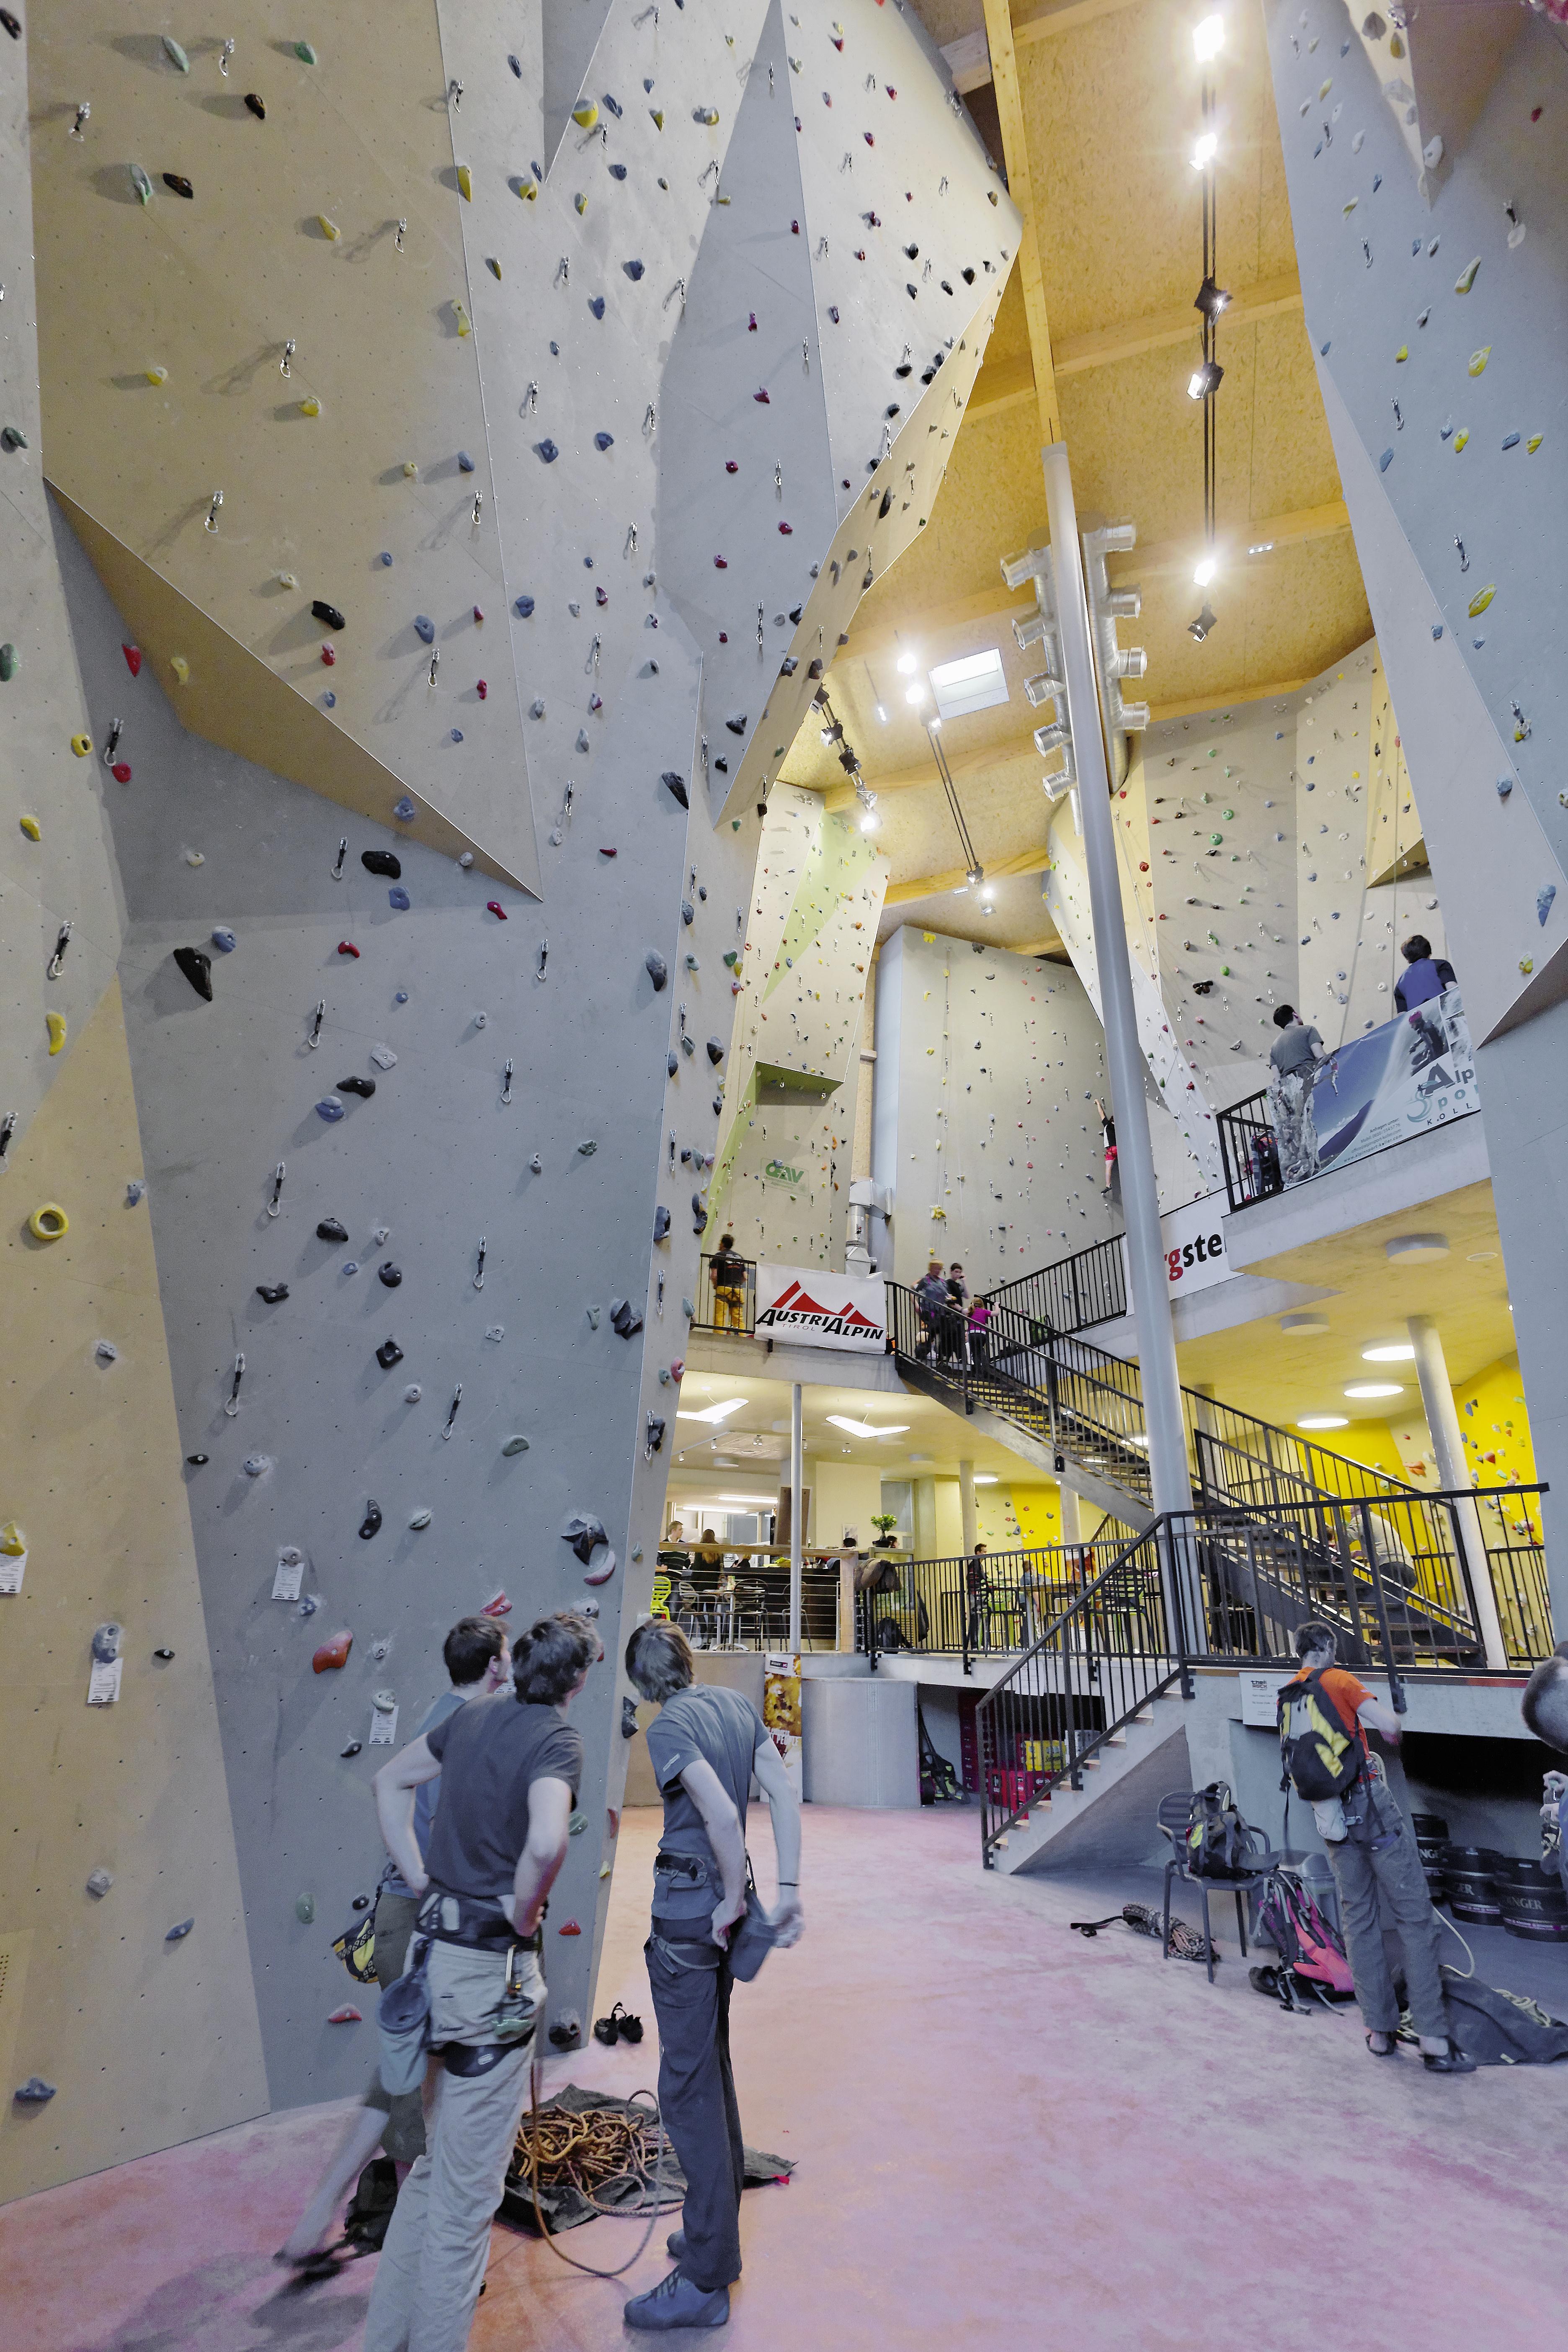 https://0501.nccdn.net/4_2/000/000/07a/dbb/LAGGNER-SUNTINGER---072---kletterhalle-m--hldorf-3744x5616.jpg